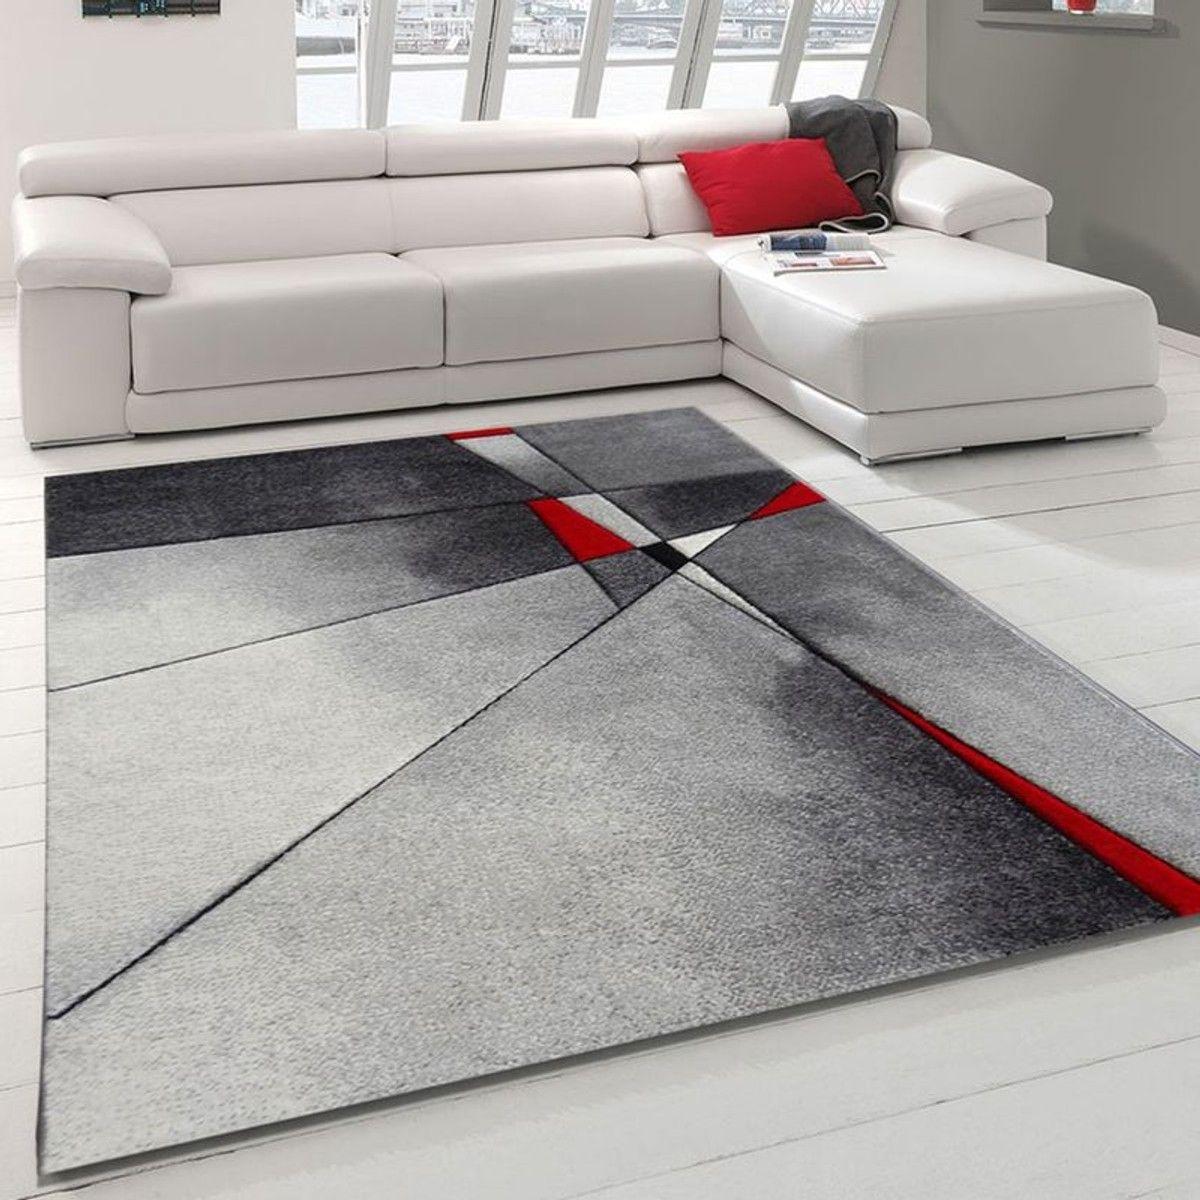 Tapis De Salon Moderne Design Phylo - Polypropylène - Taille ...